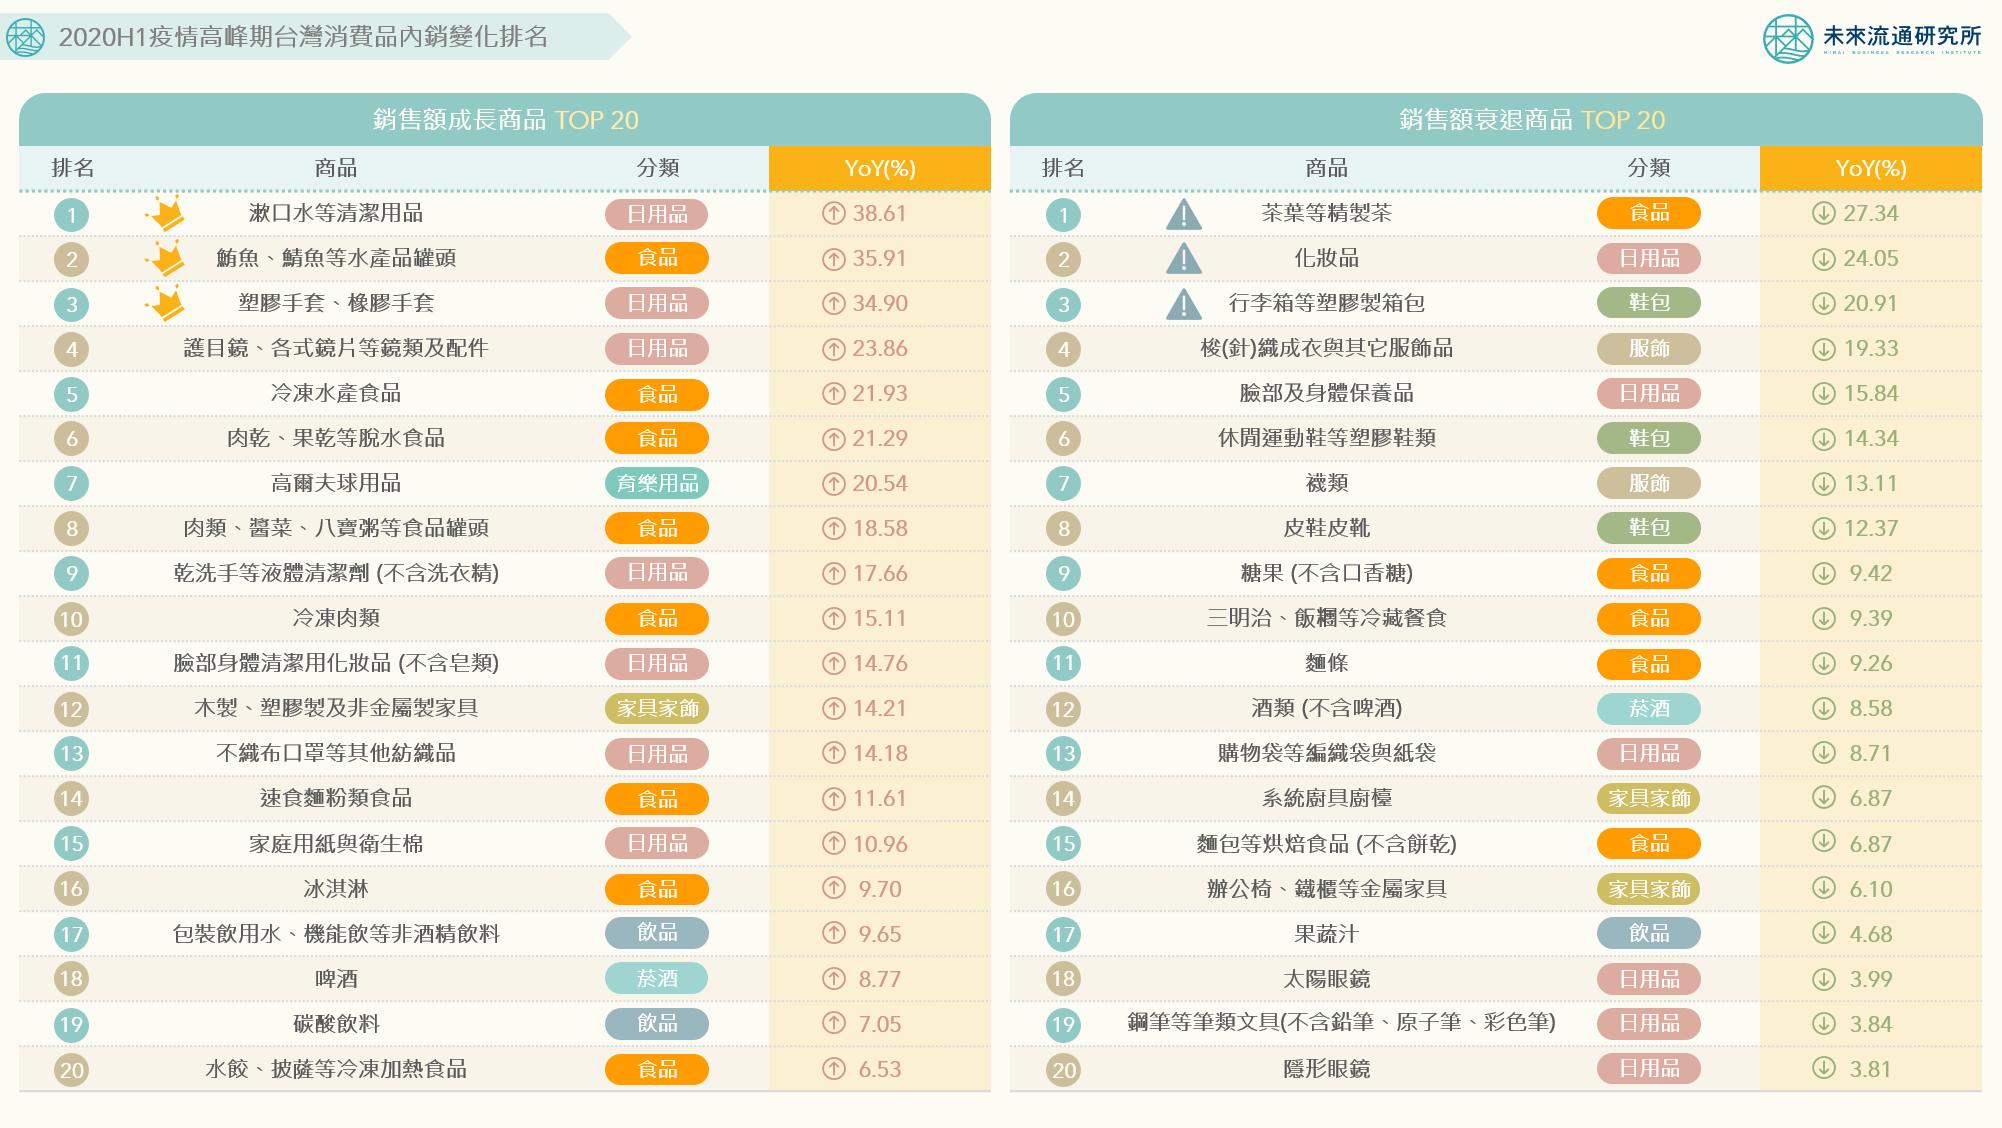 2020H1疫情高峰期台灣消費品內銷變化排名